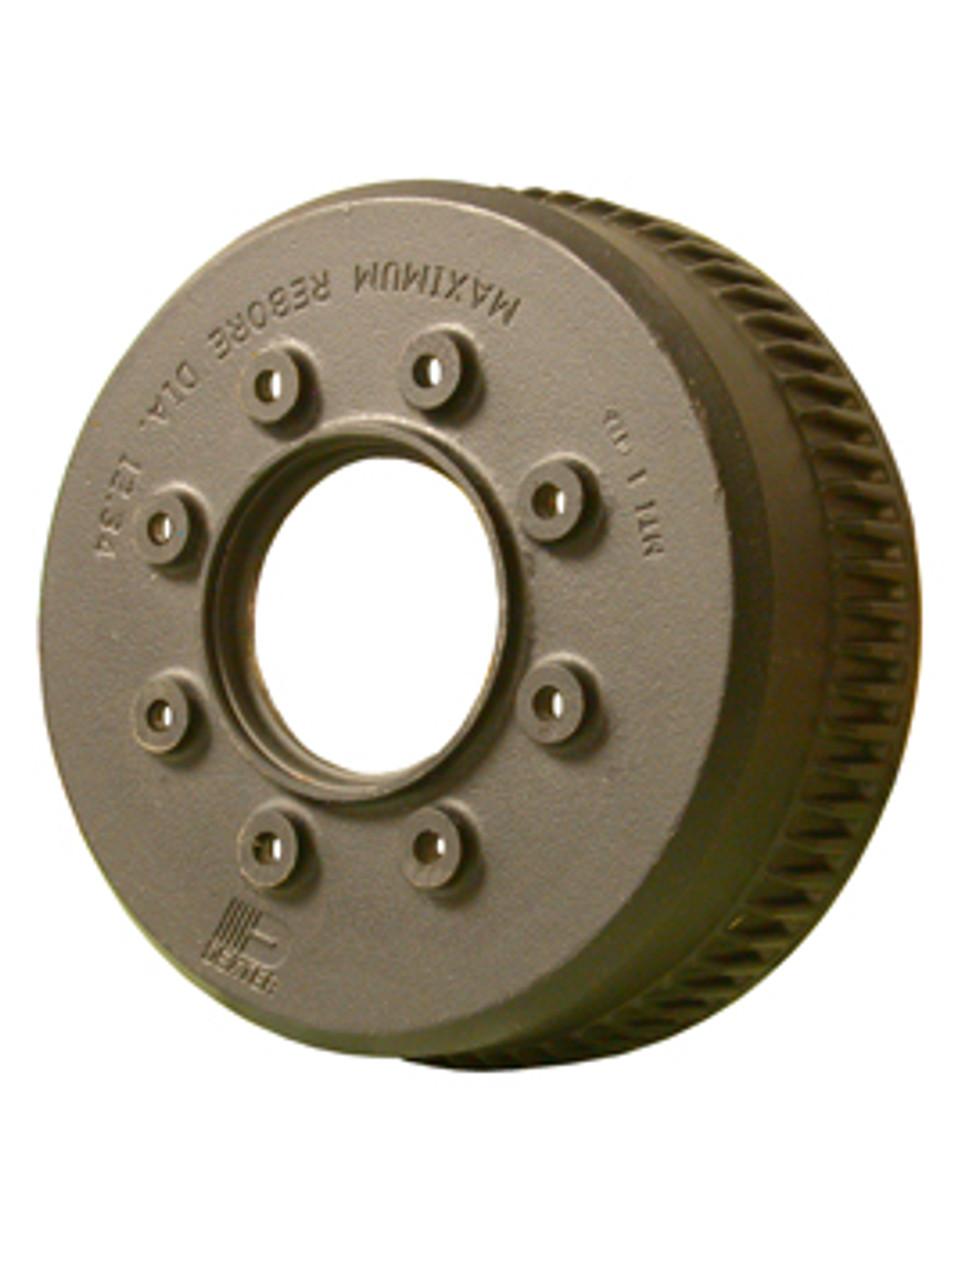 9-027-1 --- Dexter Drum Only 10k Heavy Duty